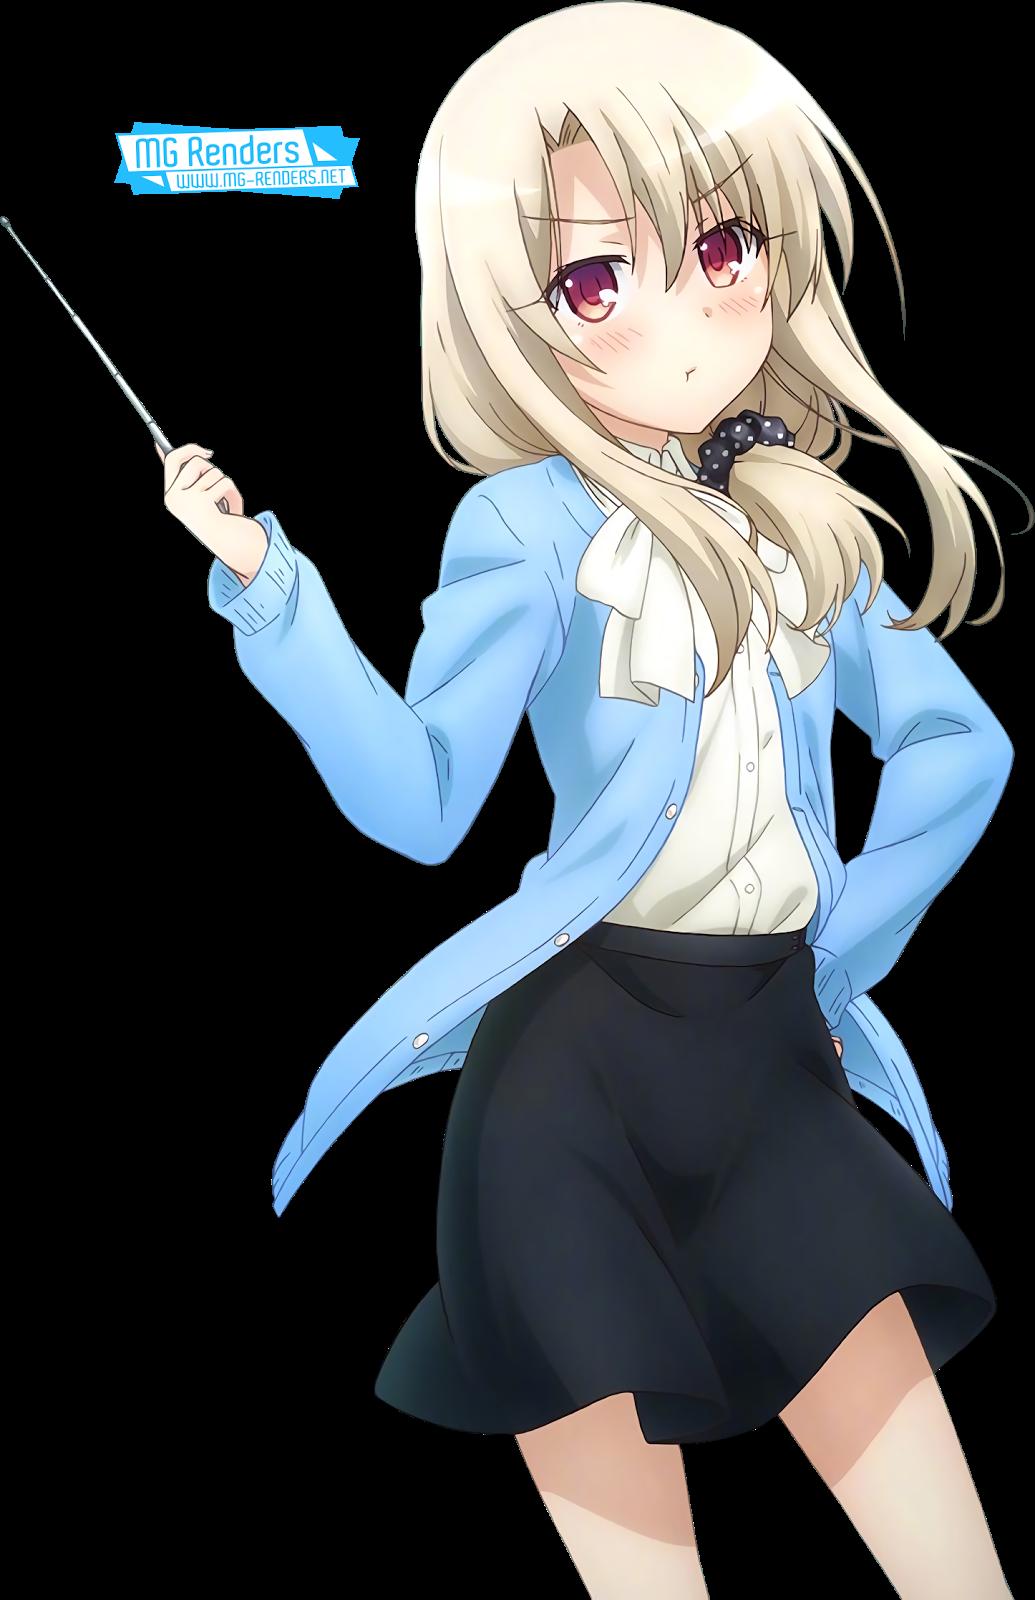 Tags: Anime, Render,  Ellen Baker,  Fate kaleid liner Prisma Illya,  Illyasviel von Einzbern,  Loli,  Side tail,  Skirt,  PNG, Image, Picture